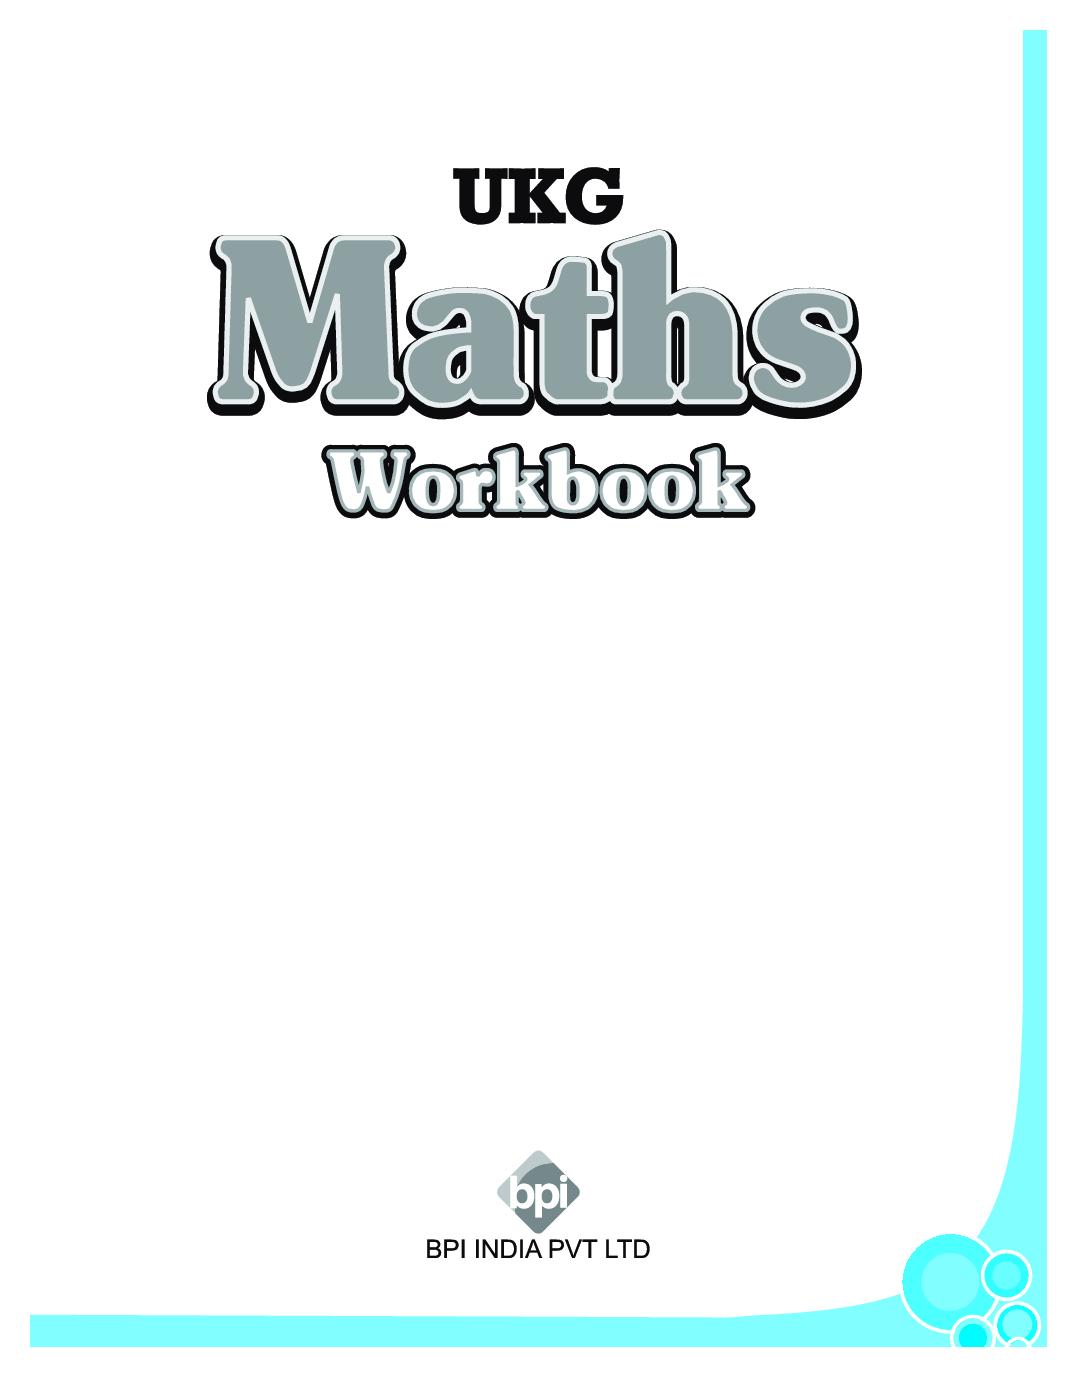 Download Ukg Maths Workbook By Bpi Online